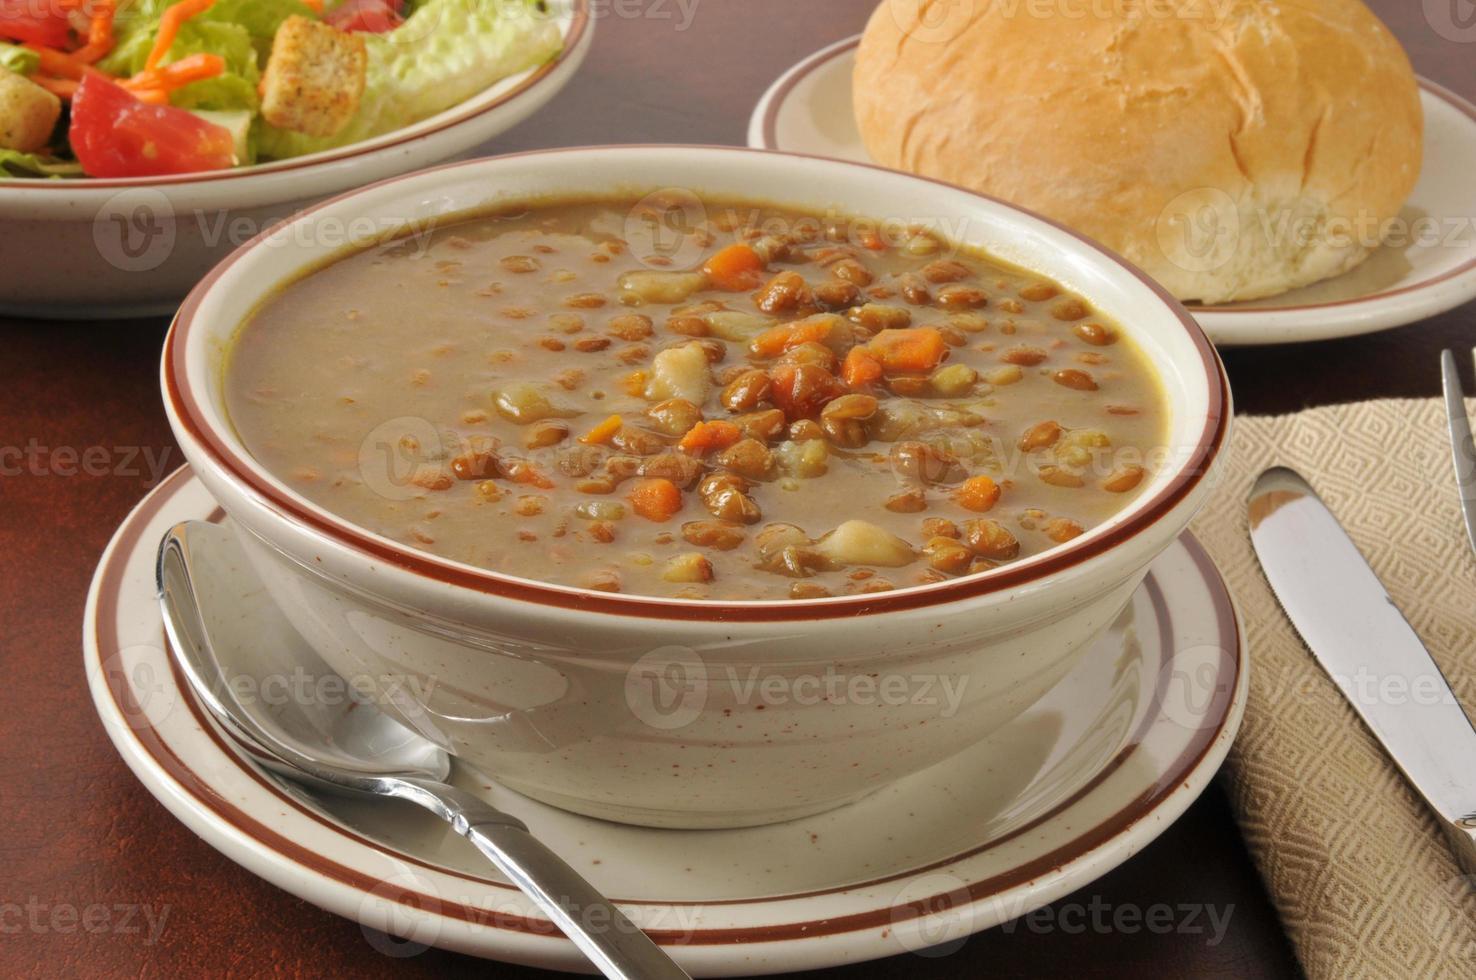 Lentil soup photo